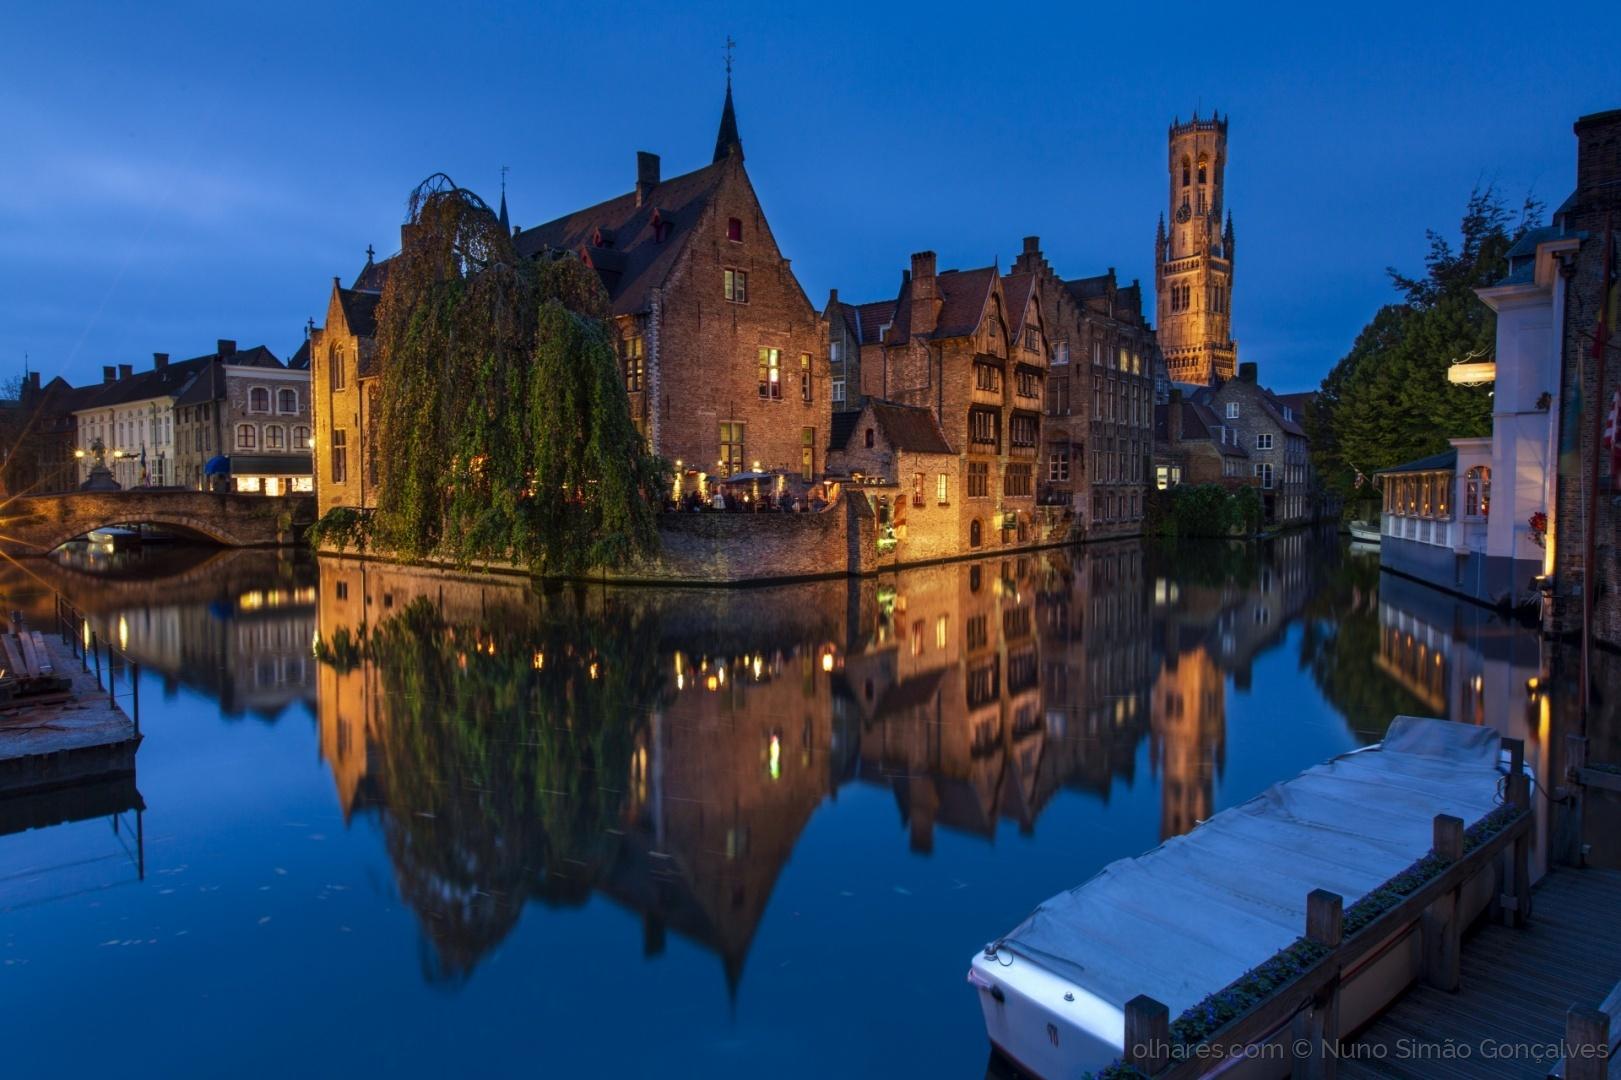 Arquitetura/Brugge